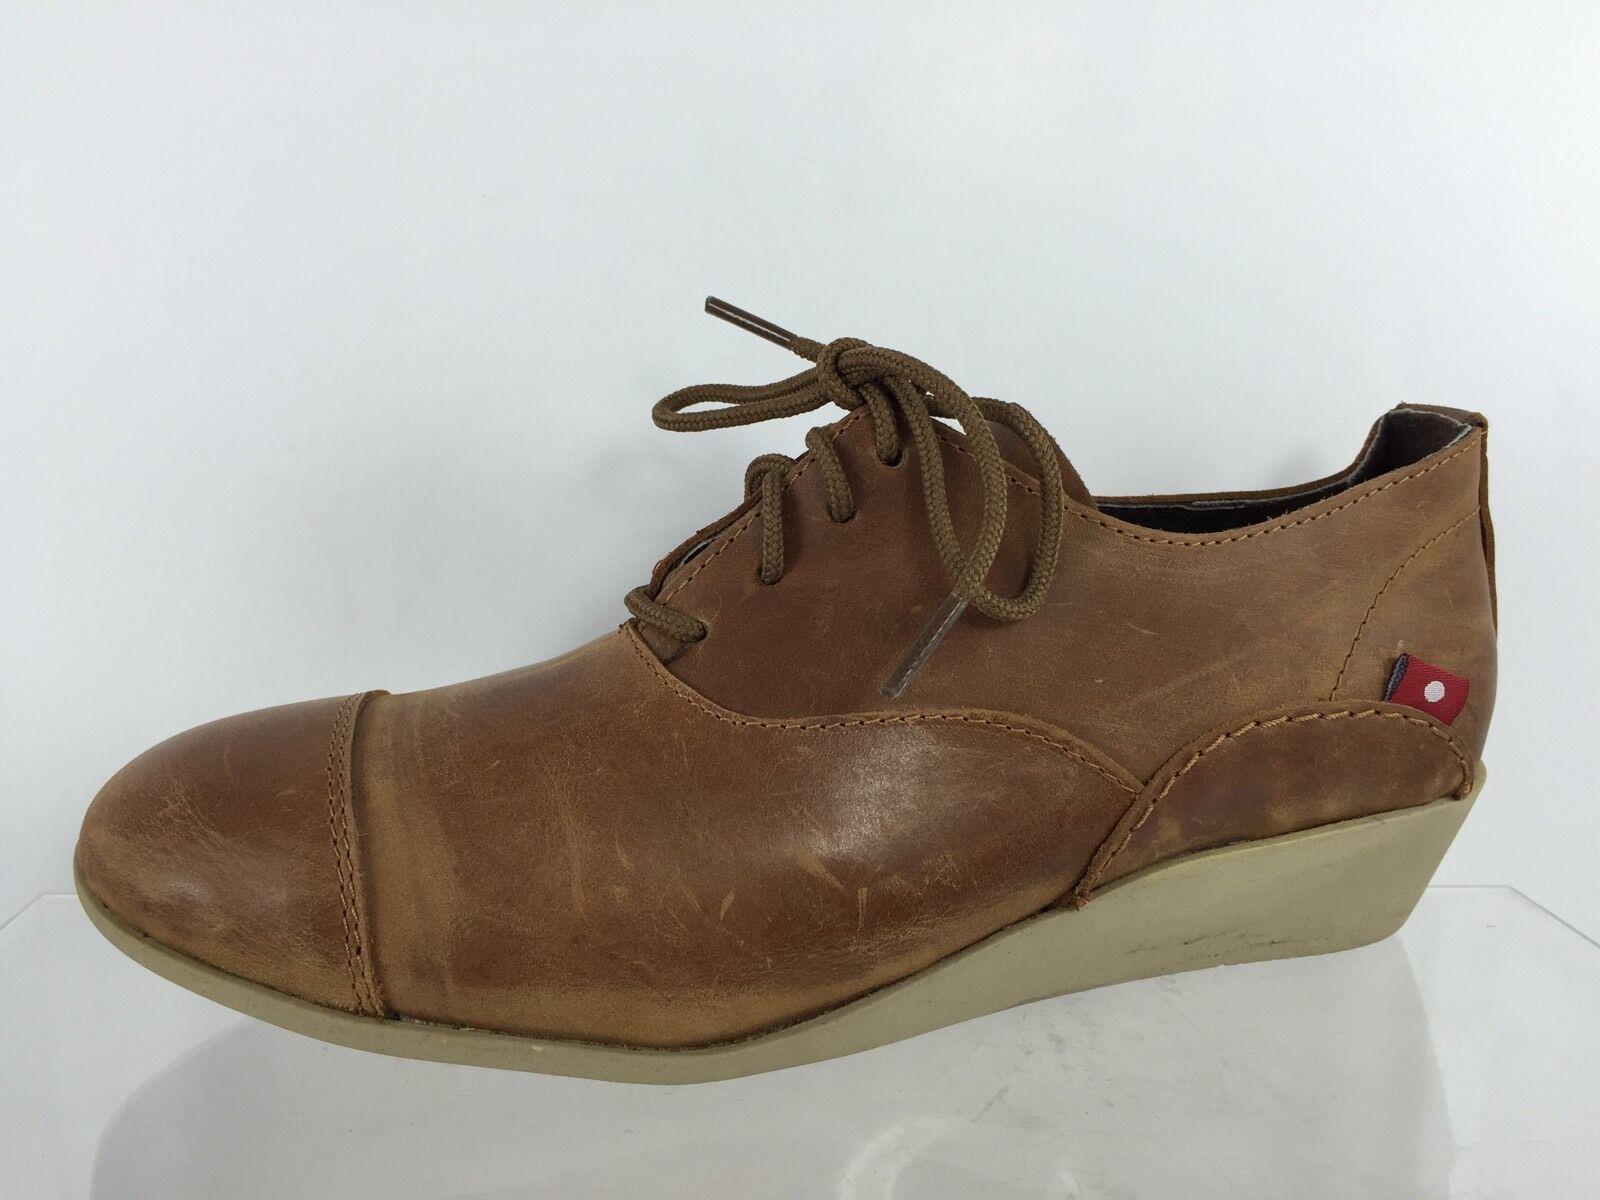 Oliberte  donna donna Marronee Leather scarpe 11  lo stile classico